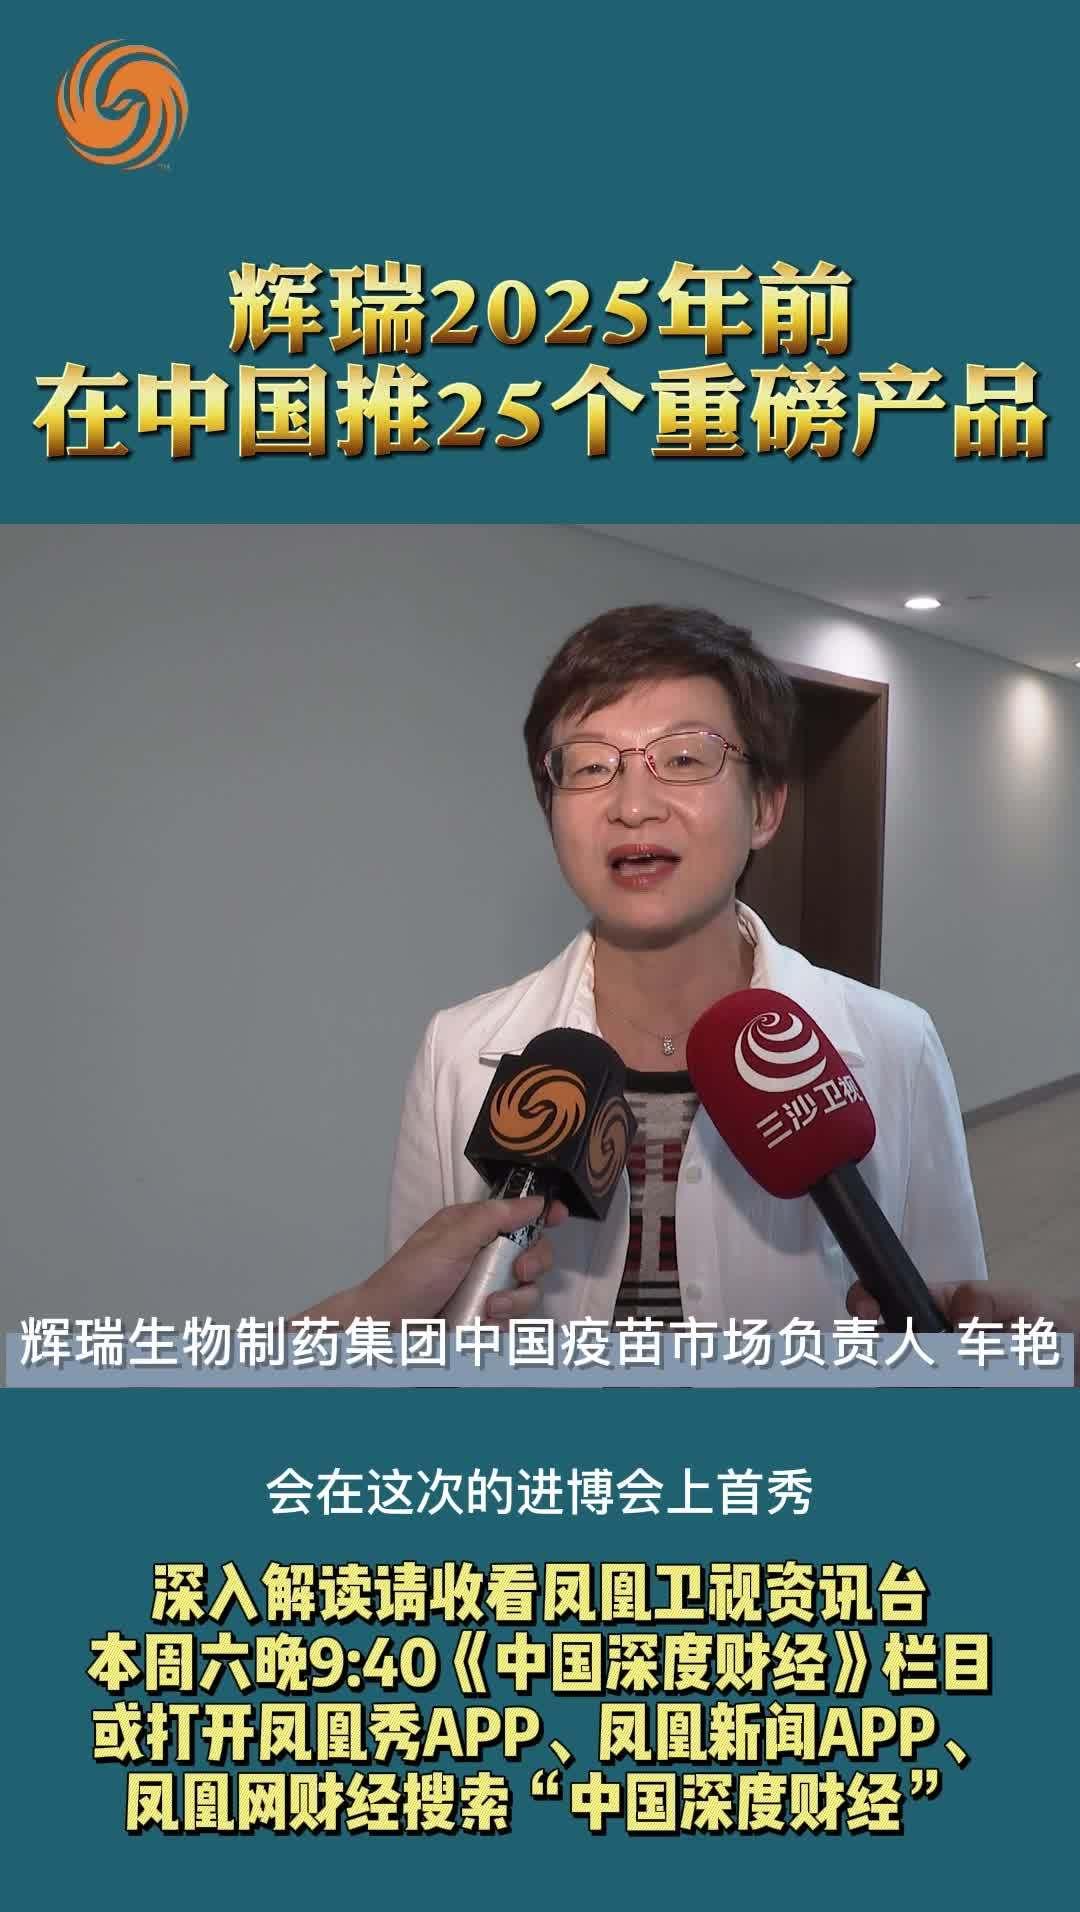 车艳:辉瑞2025年前在中国推25个重磅产品